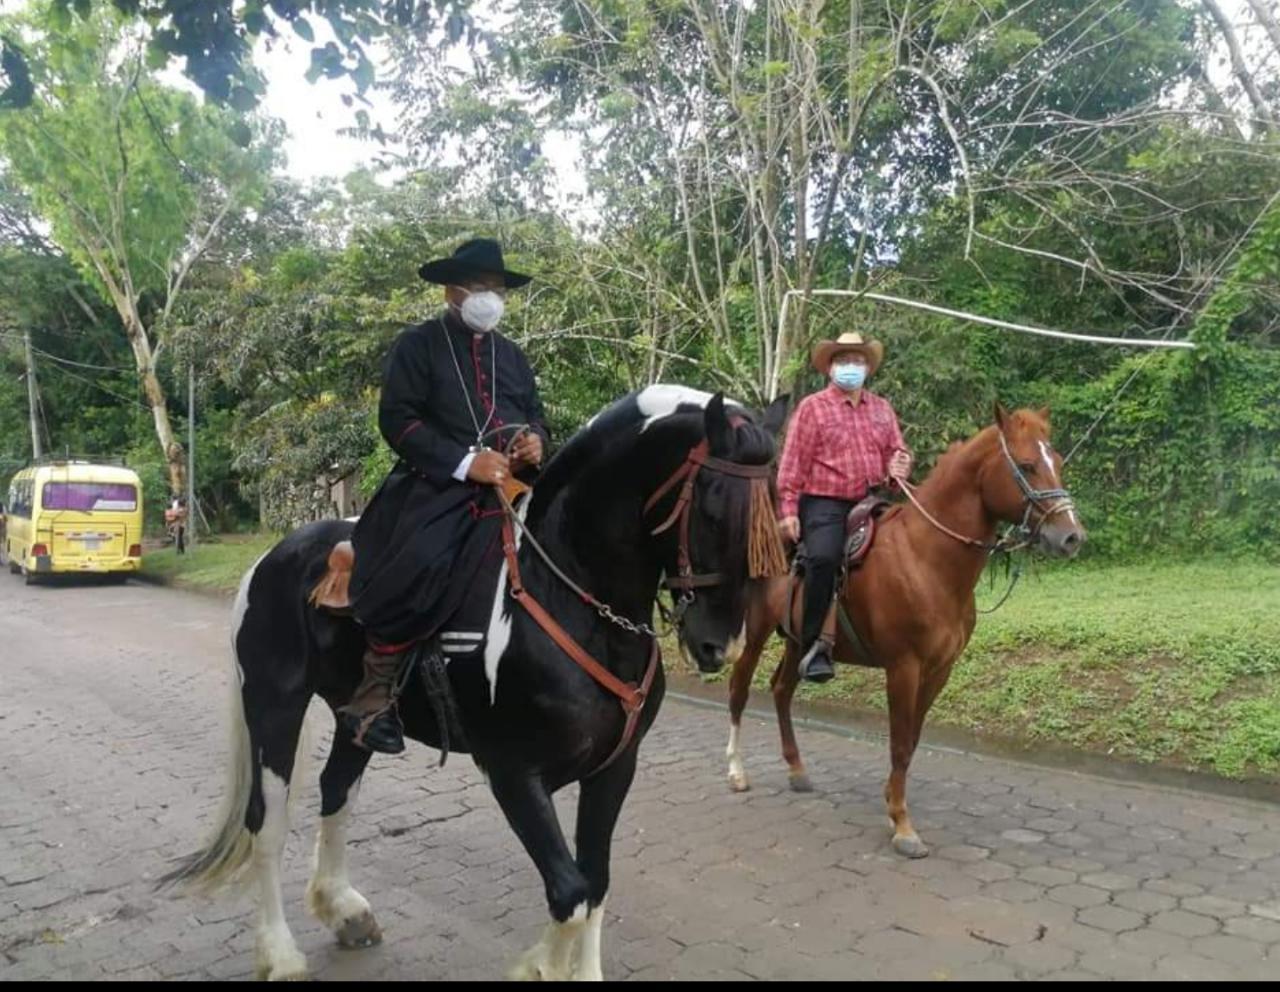 Obispo de Juigalpa visita por primera vez San Pedro de Lóvago Managua. Radio La Primerísima